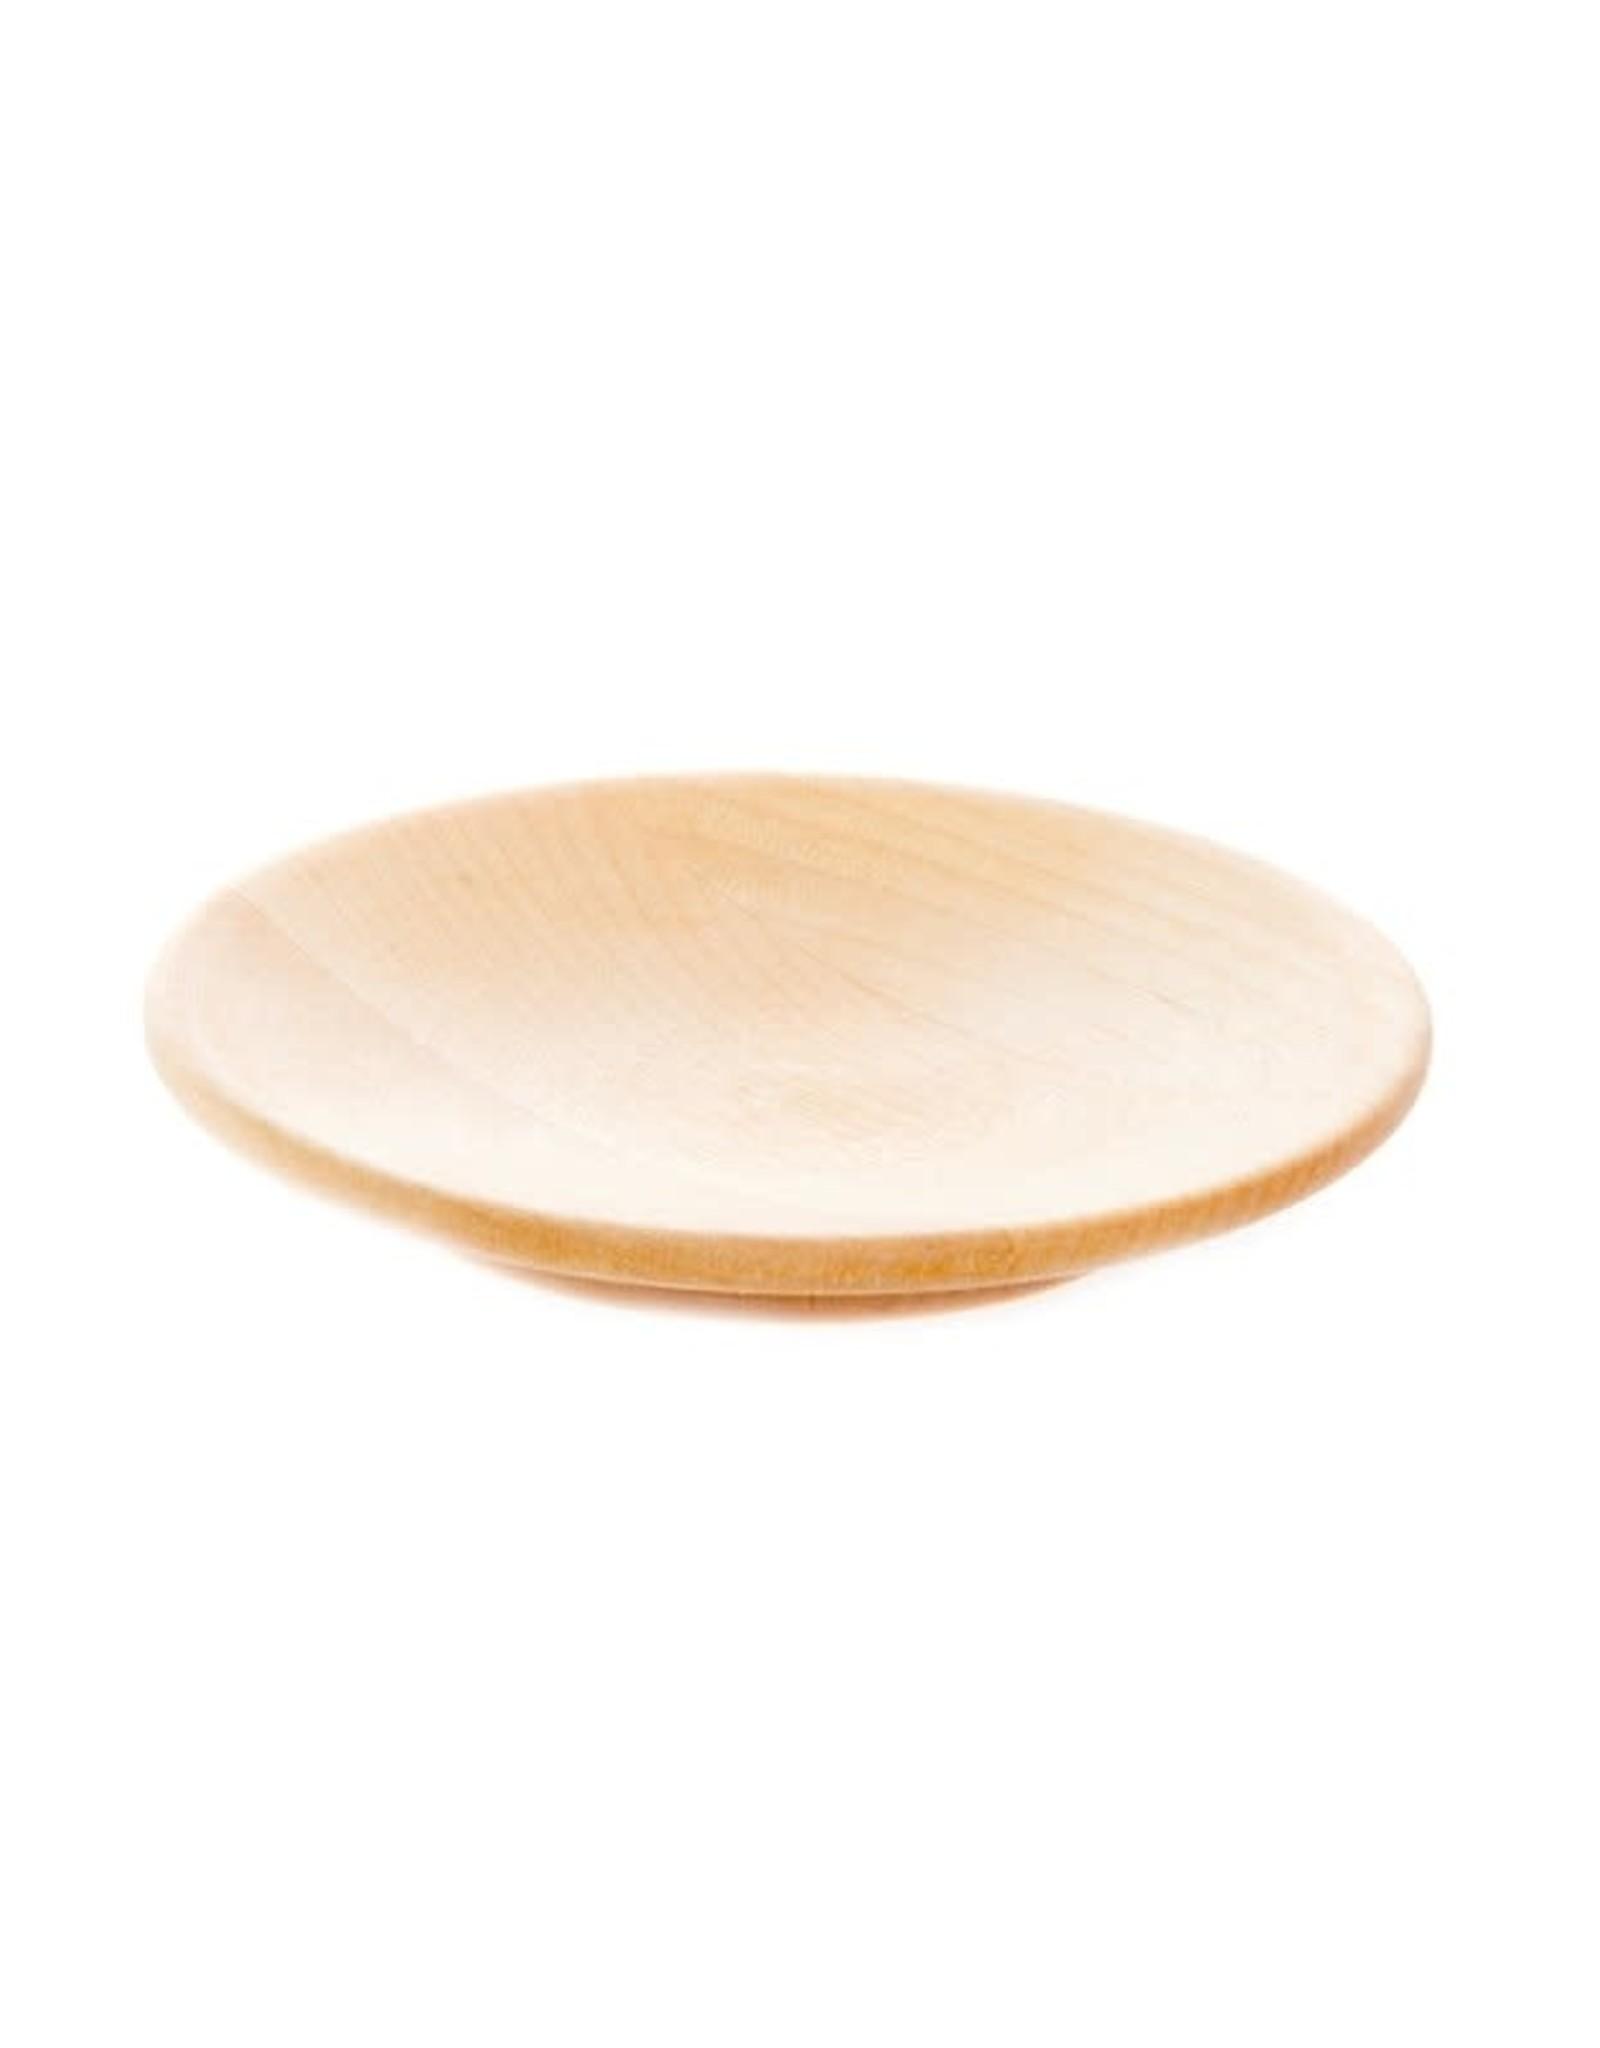 Iris Hantverk Birch Plate - Small